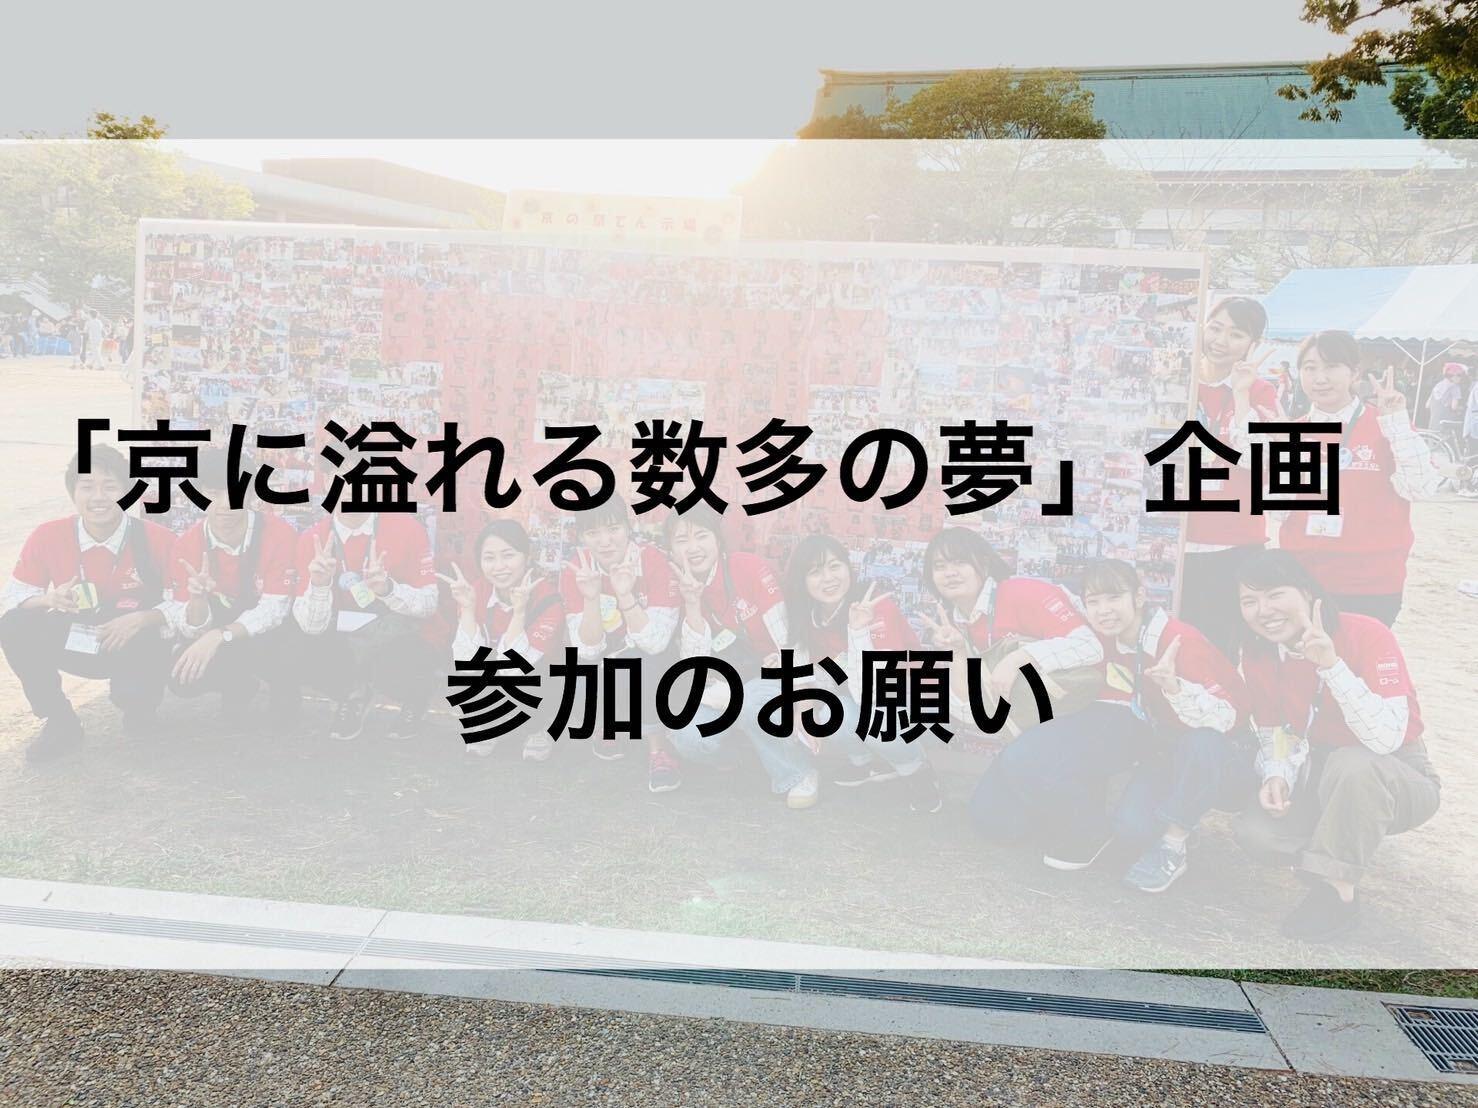 京に溢れる数多の夢 ―みなさんの「夢」。大募集―